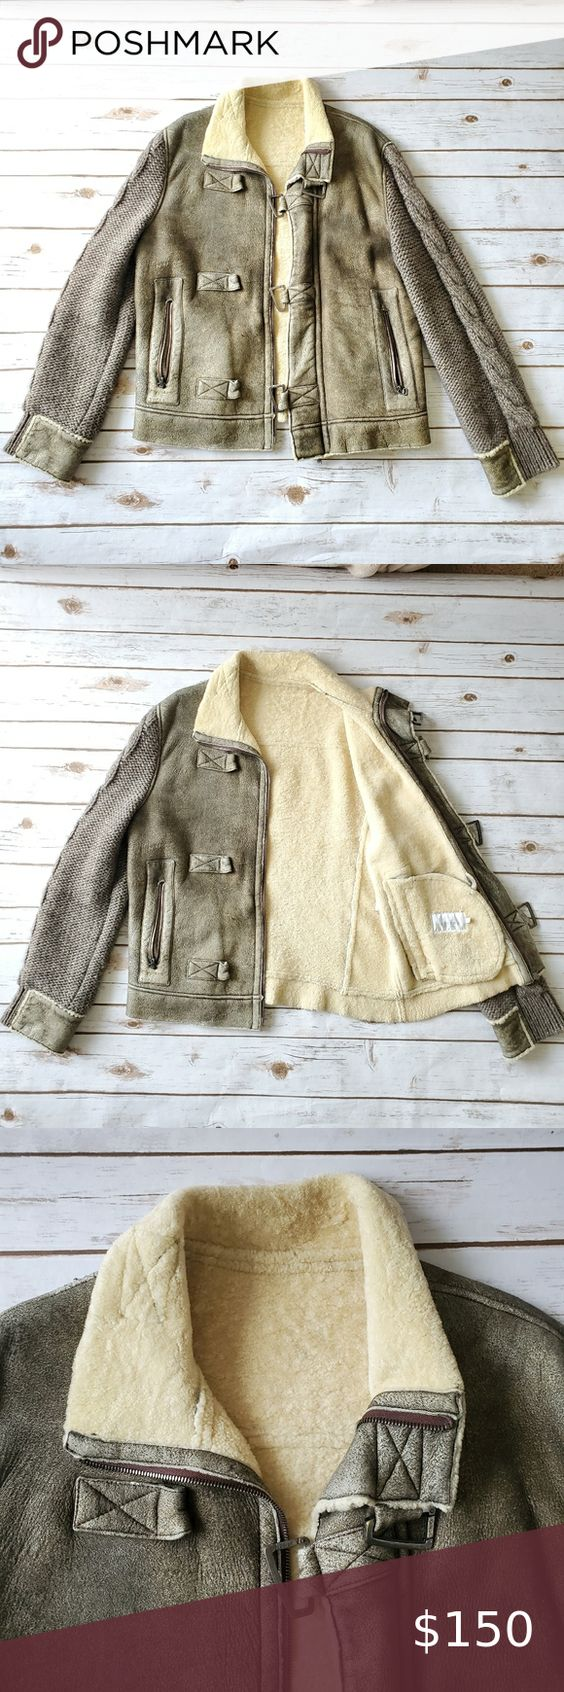 Iceberg Sheepskin Jacket Sheepskin Jacket Real Leather Jacket Black Winter Jacket [ 1692 x 564 Pixel ]